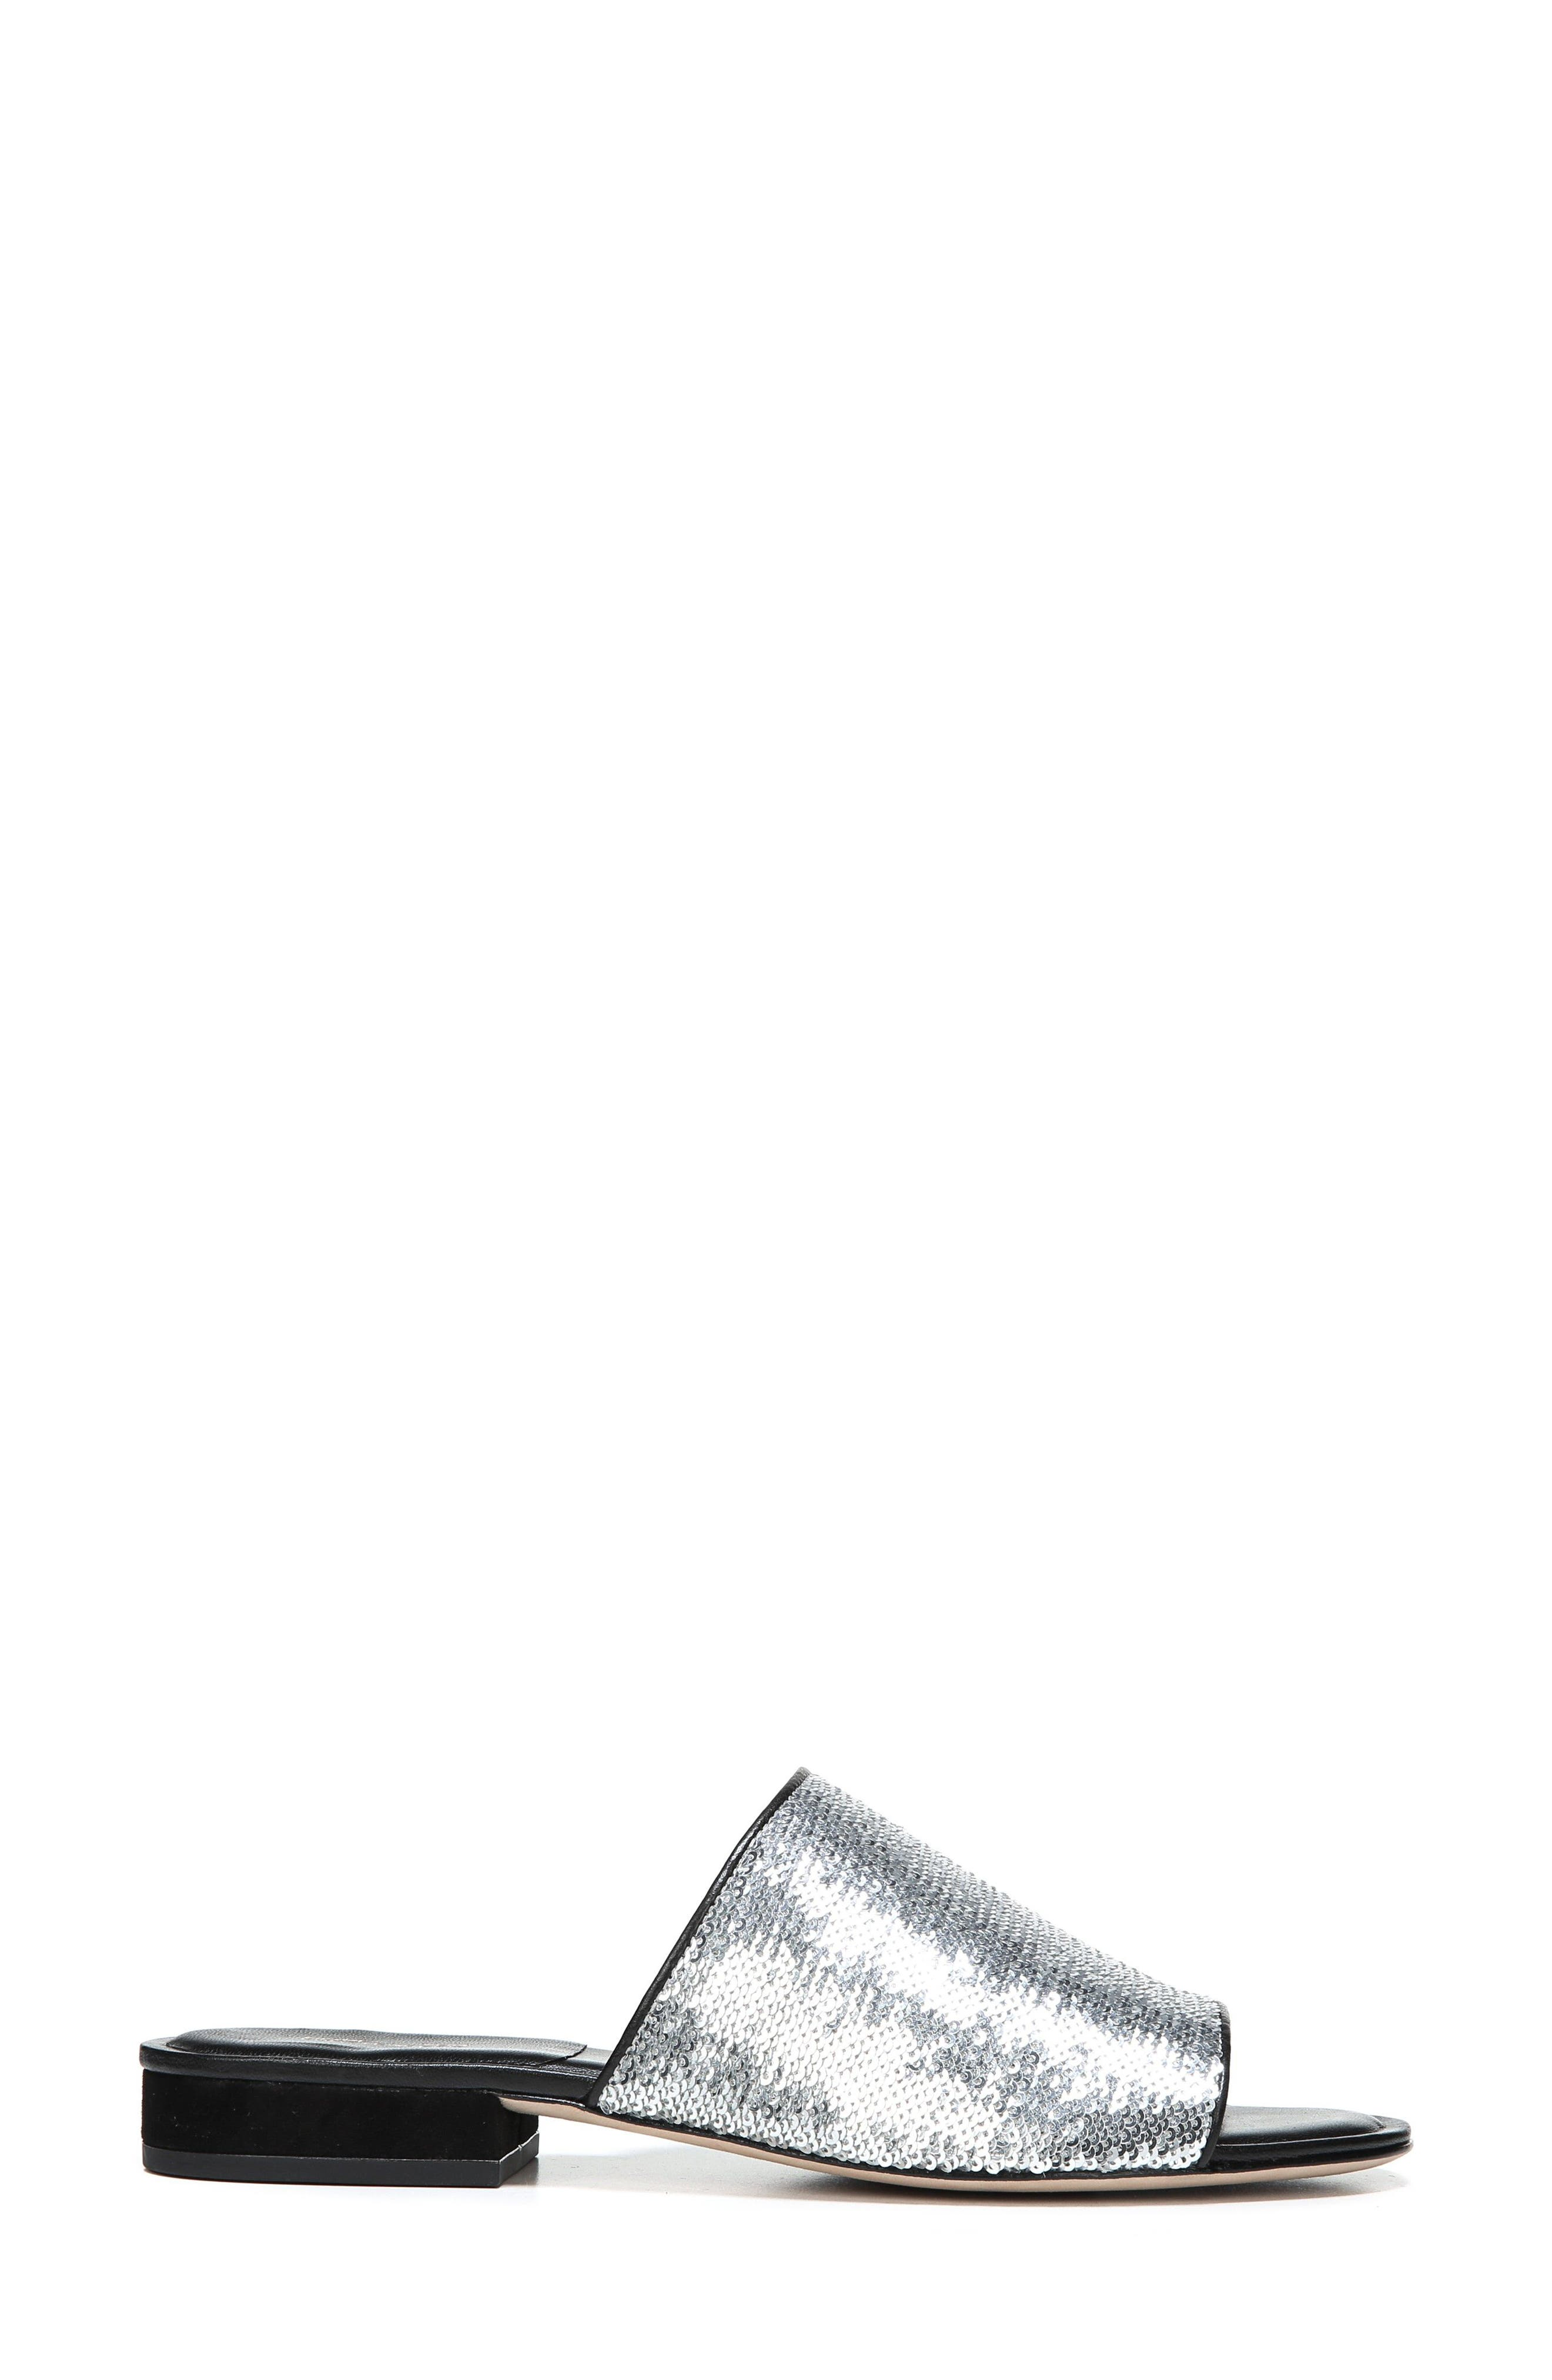 Samassi 1 Slide Sandal,                             Alternate thumbnail 3, color,                             Silver Sequins